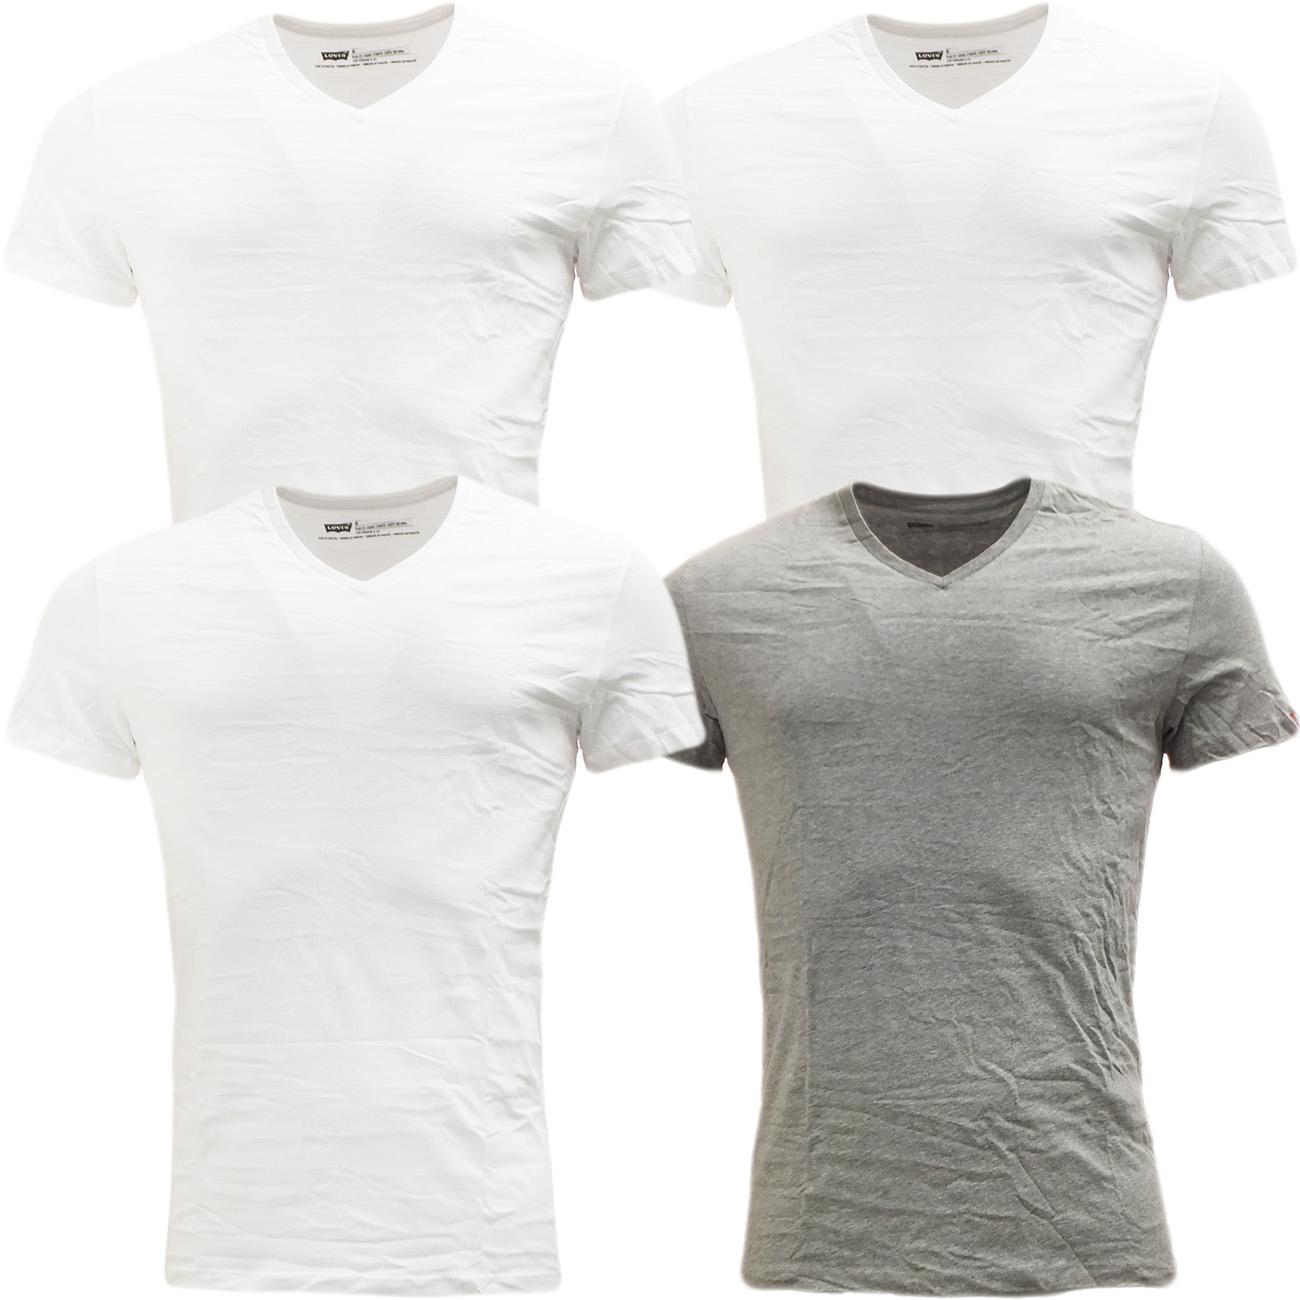 Mens levi strauss plain v neck t shirt pack of 2 t for Mens plain v neck t shirts